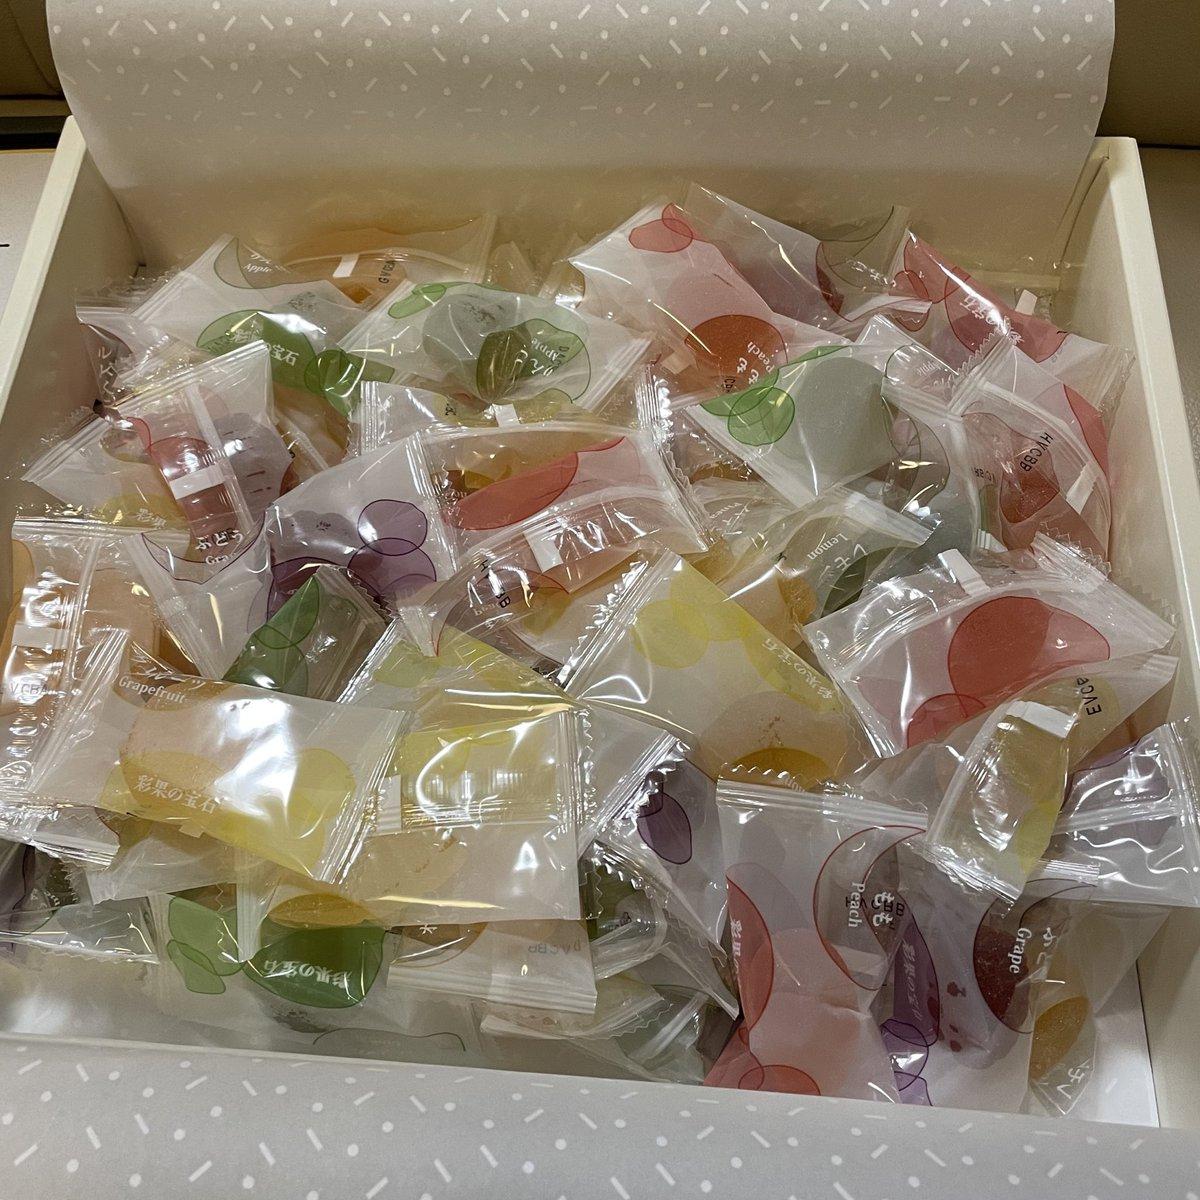 test ツイッターメディア - @hachuki0825 クッキーはうまい、彩果の宝石88点 https://t.co/NF5bZslQcI